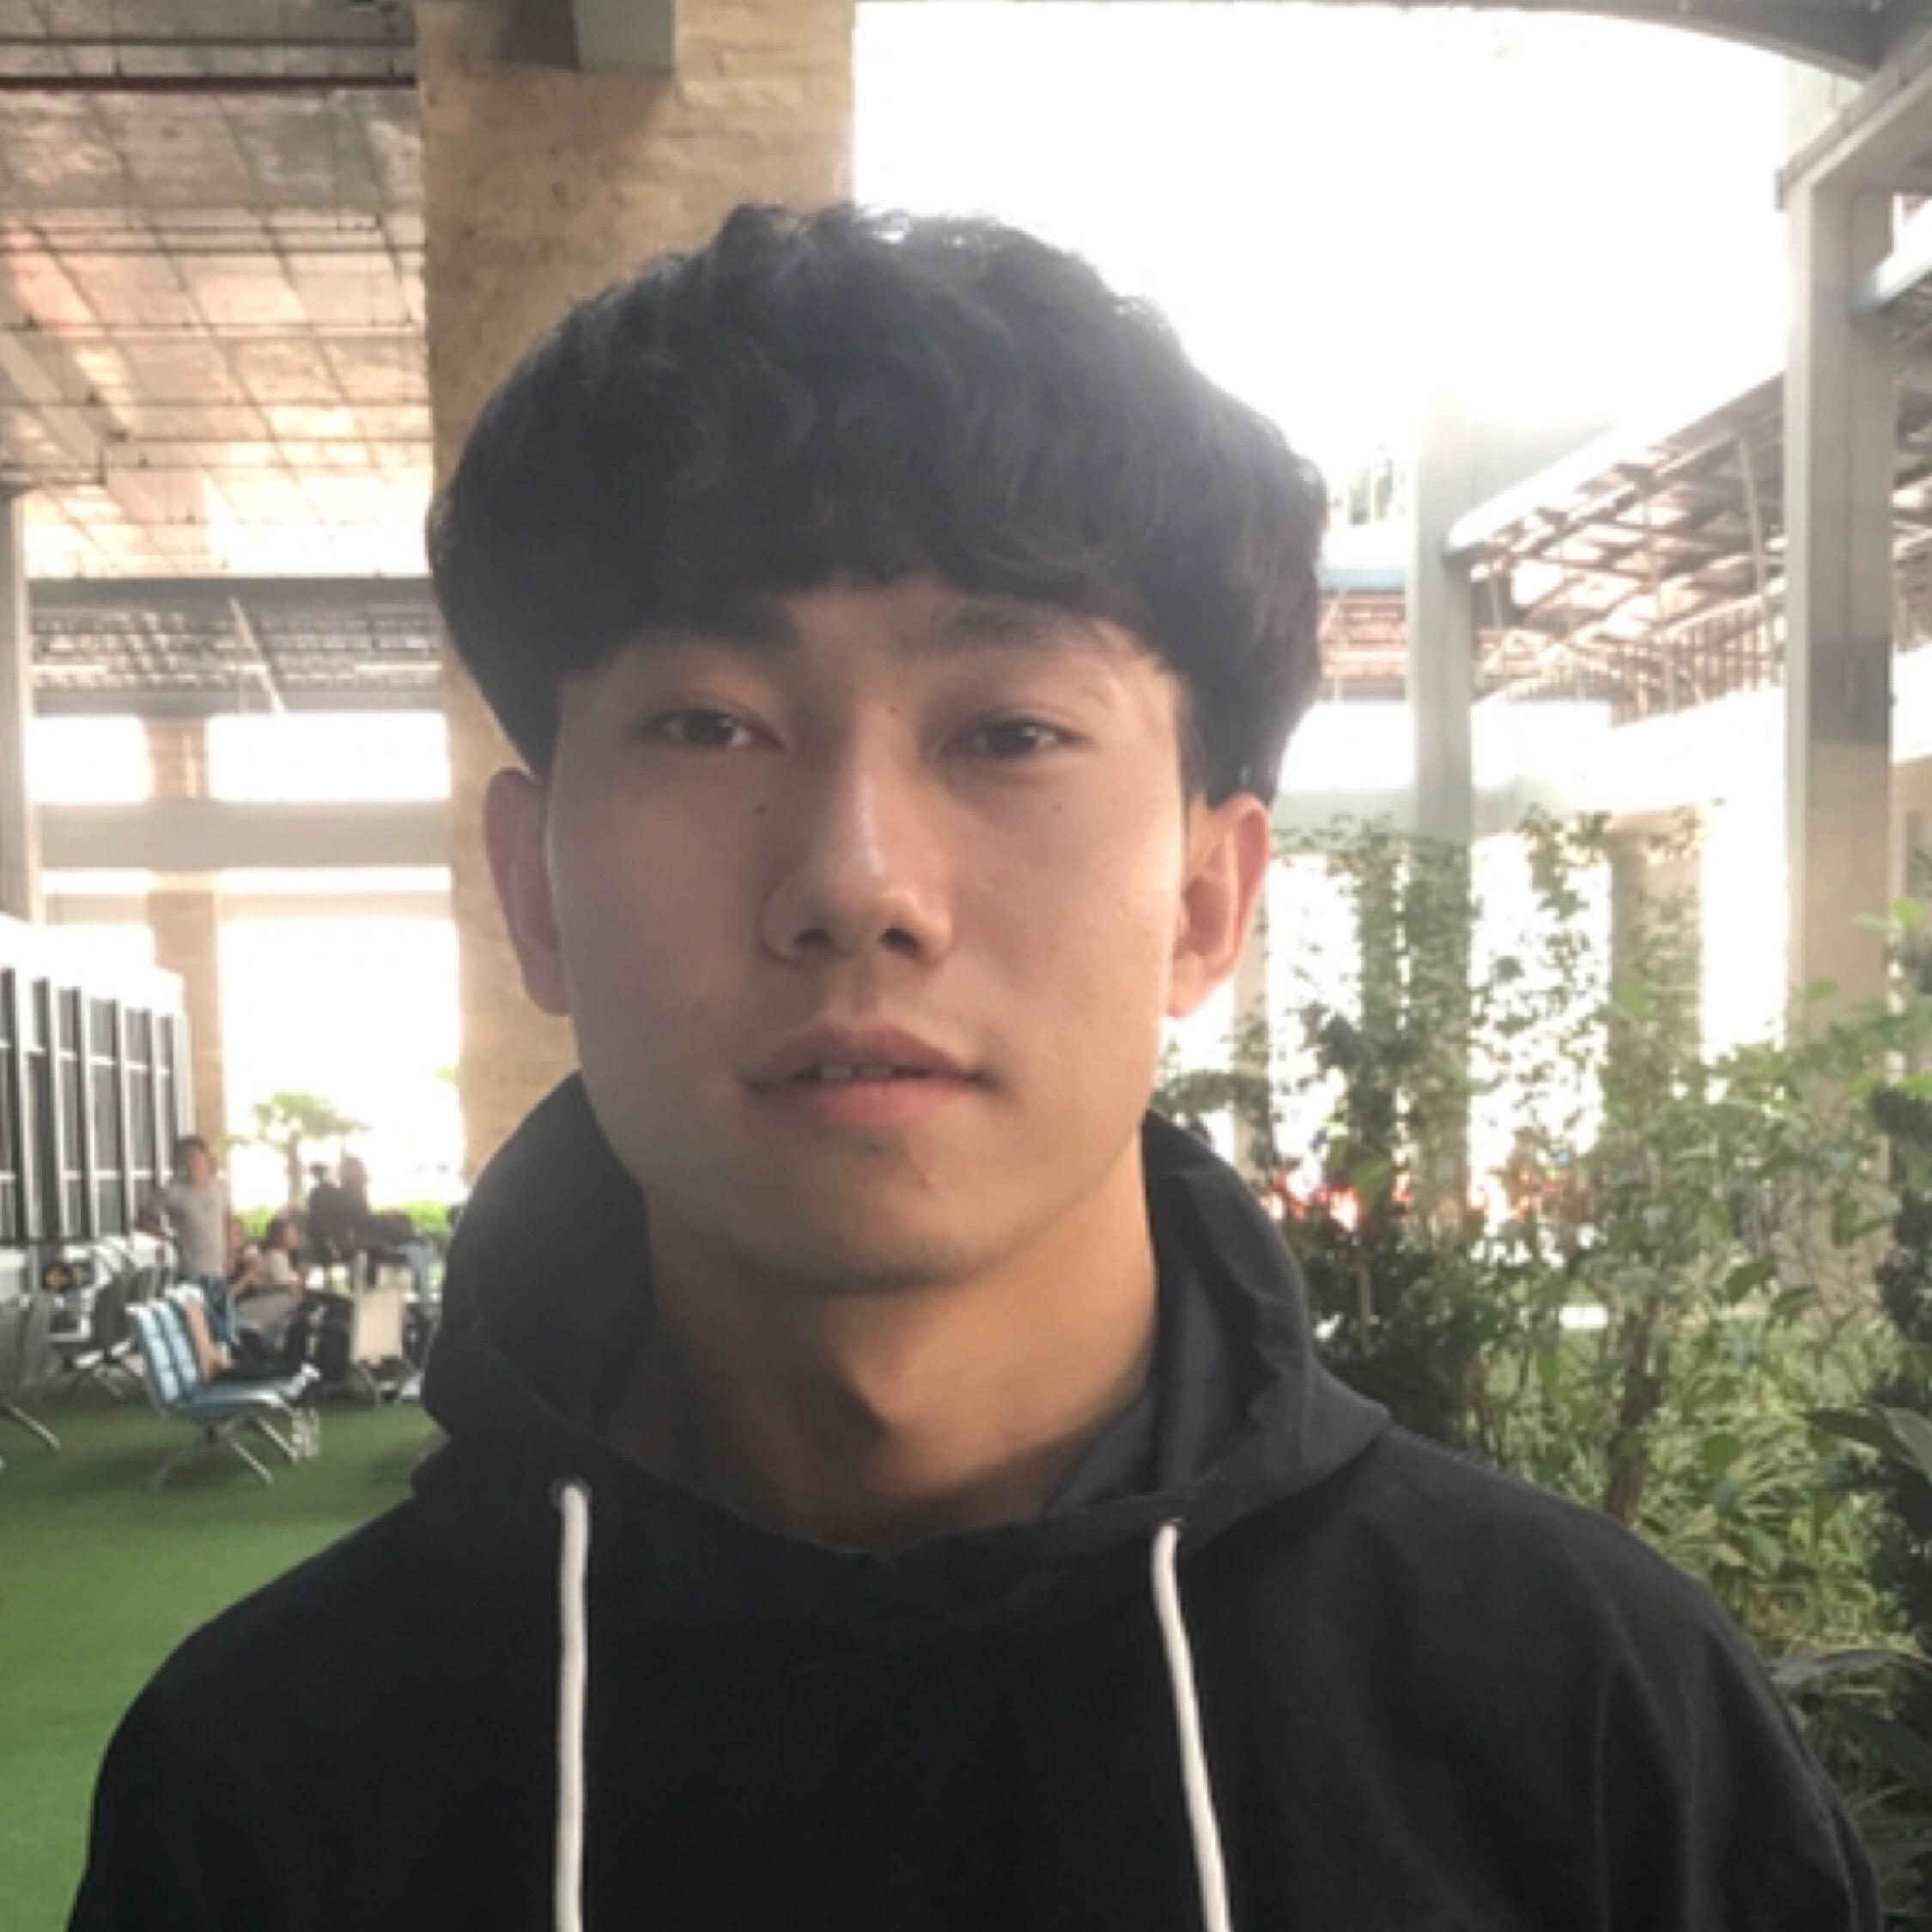 Darren_wan